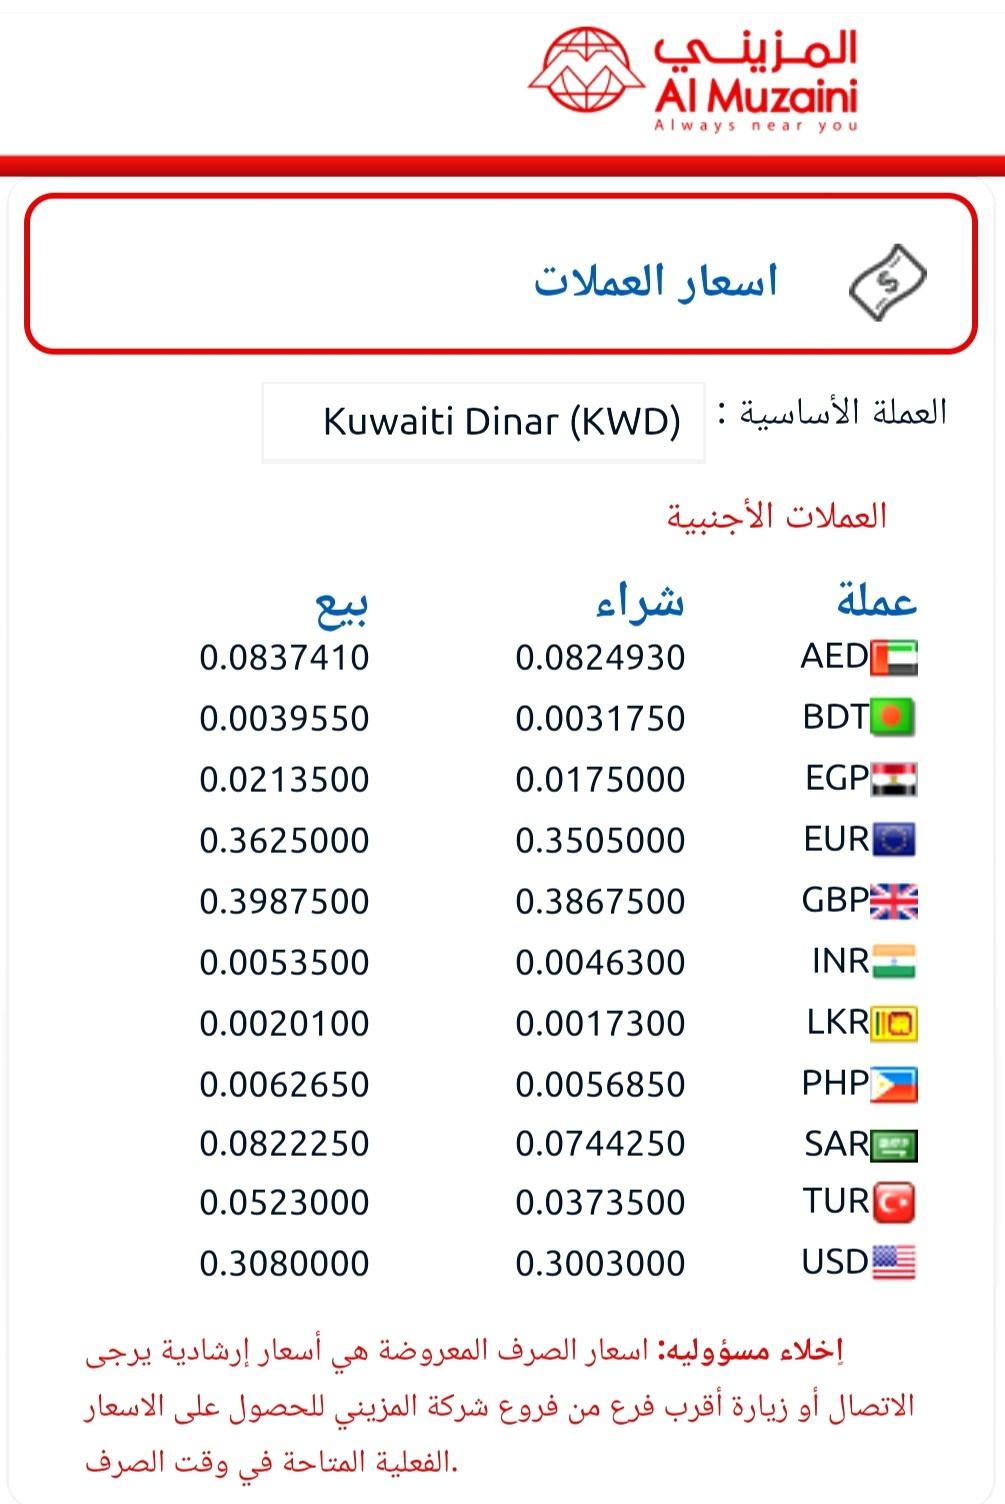 صرافة المزينى اليوم أسعار العملات مقابل الدينار الكويتي سعر صرف الالف المصري ٢٧ يوليو